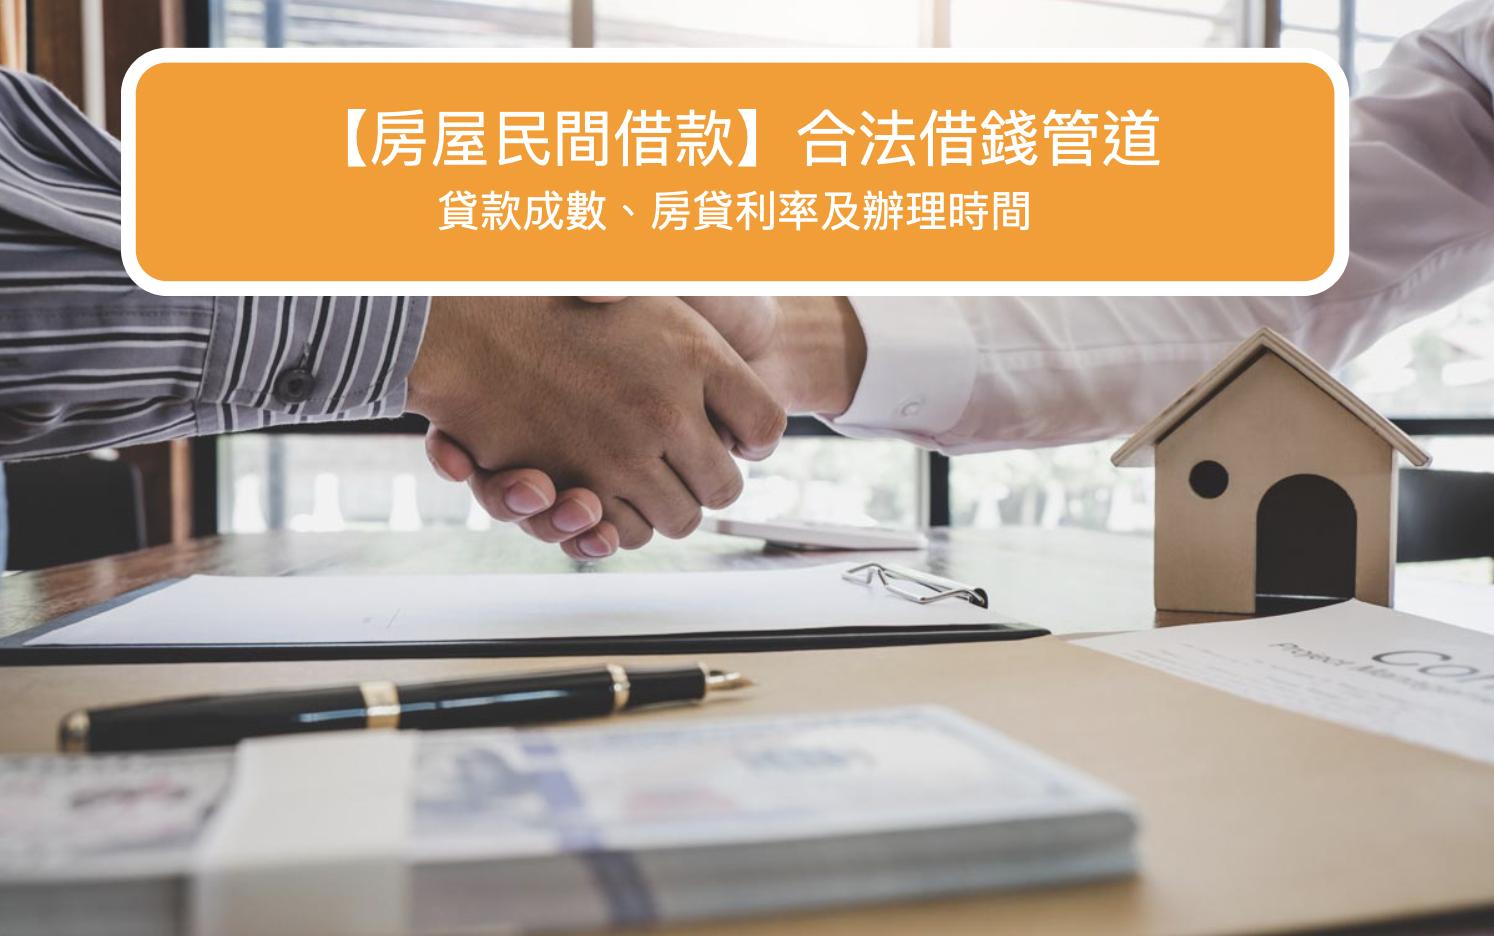 【房屋民間借款】貸款成數、房貸利率、辦理時間及合法借錢管道